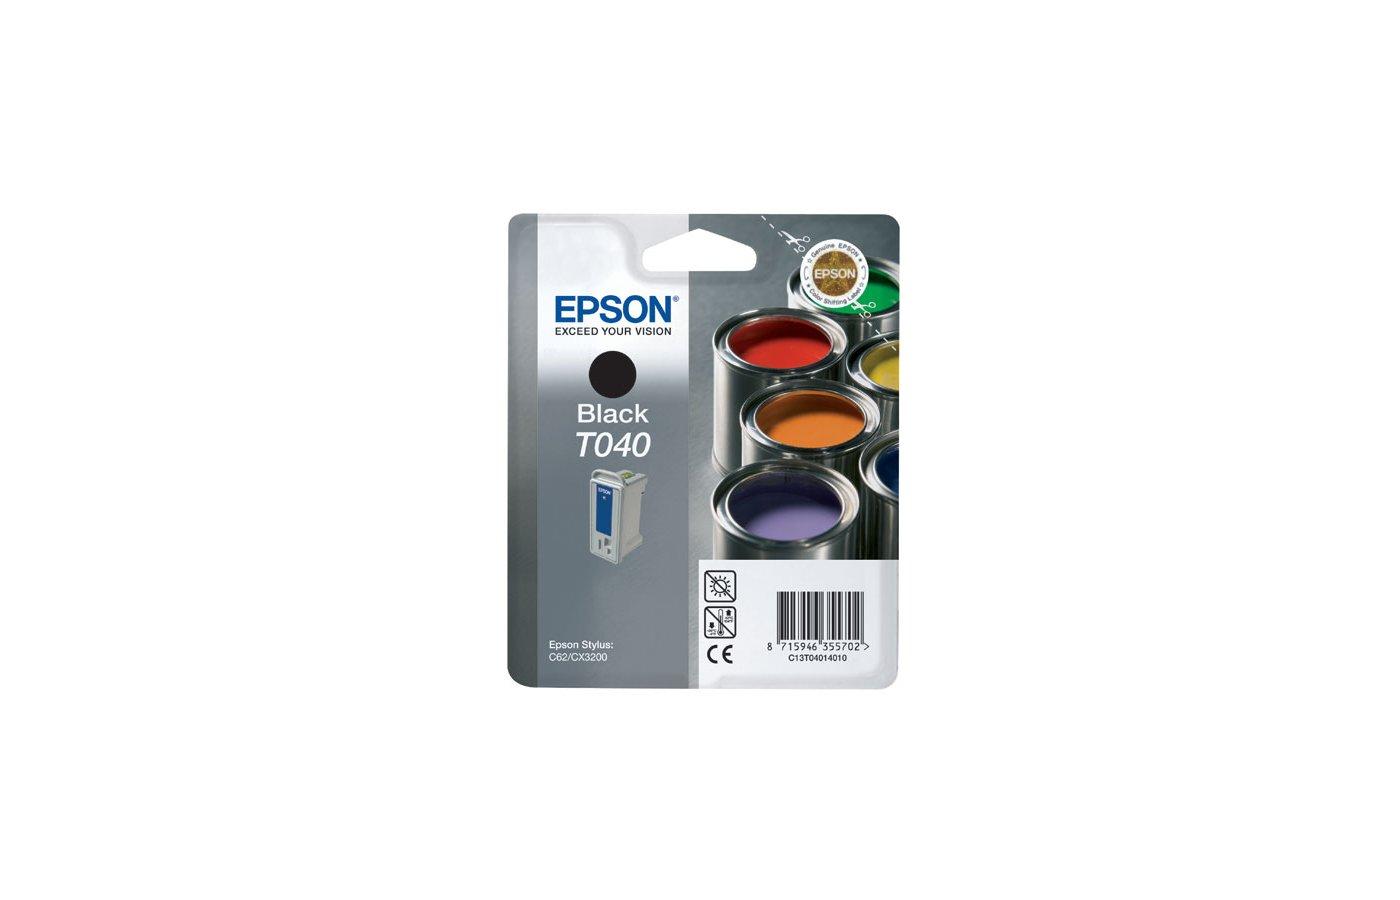 Картридж струйный Epson C13T040140 черный для Stylus C62